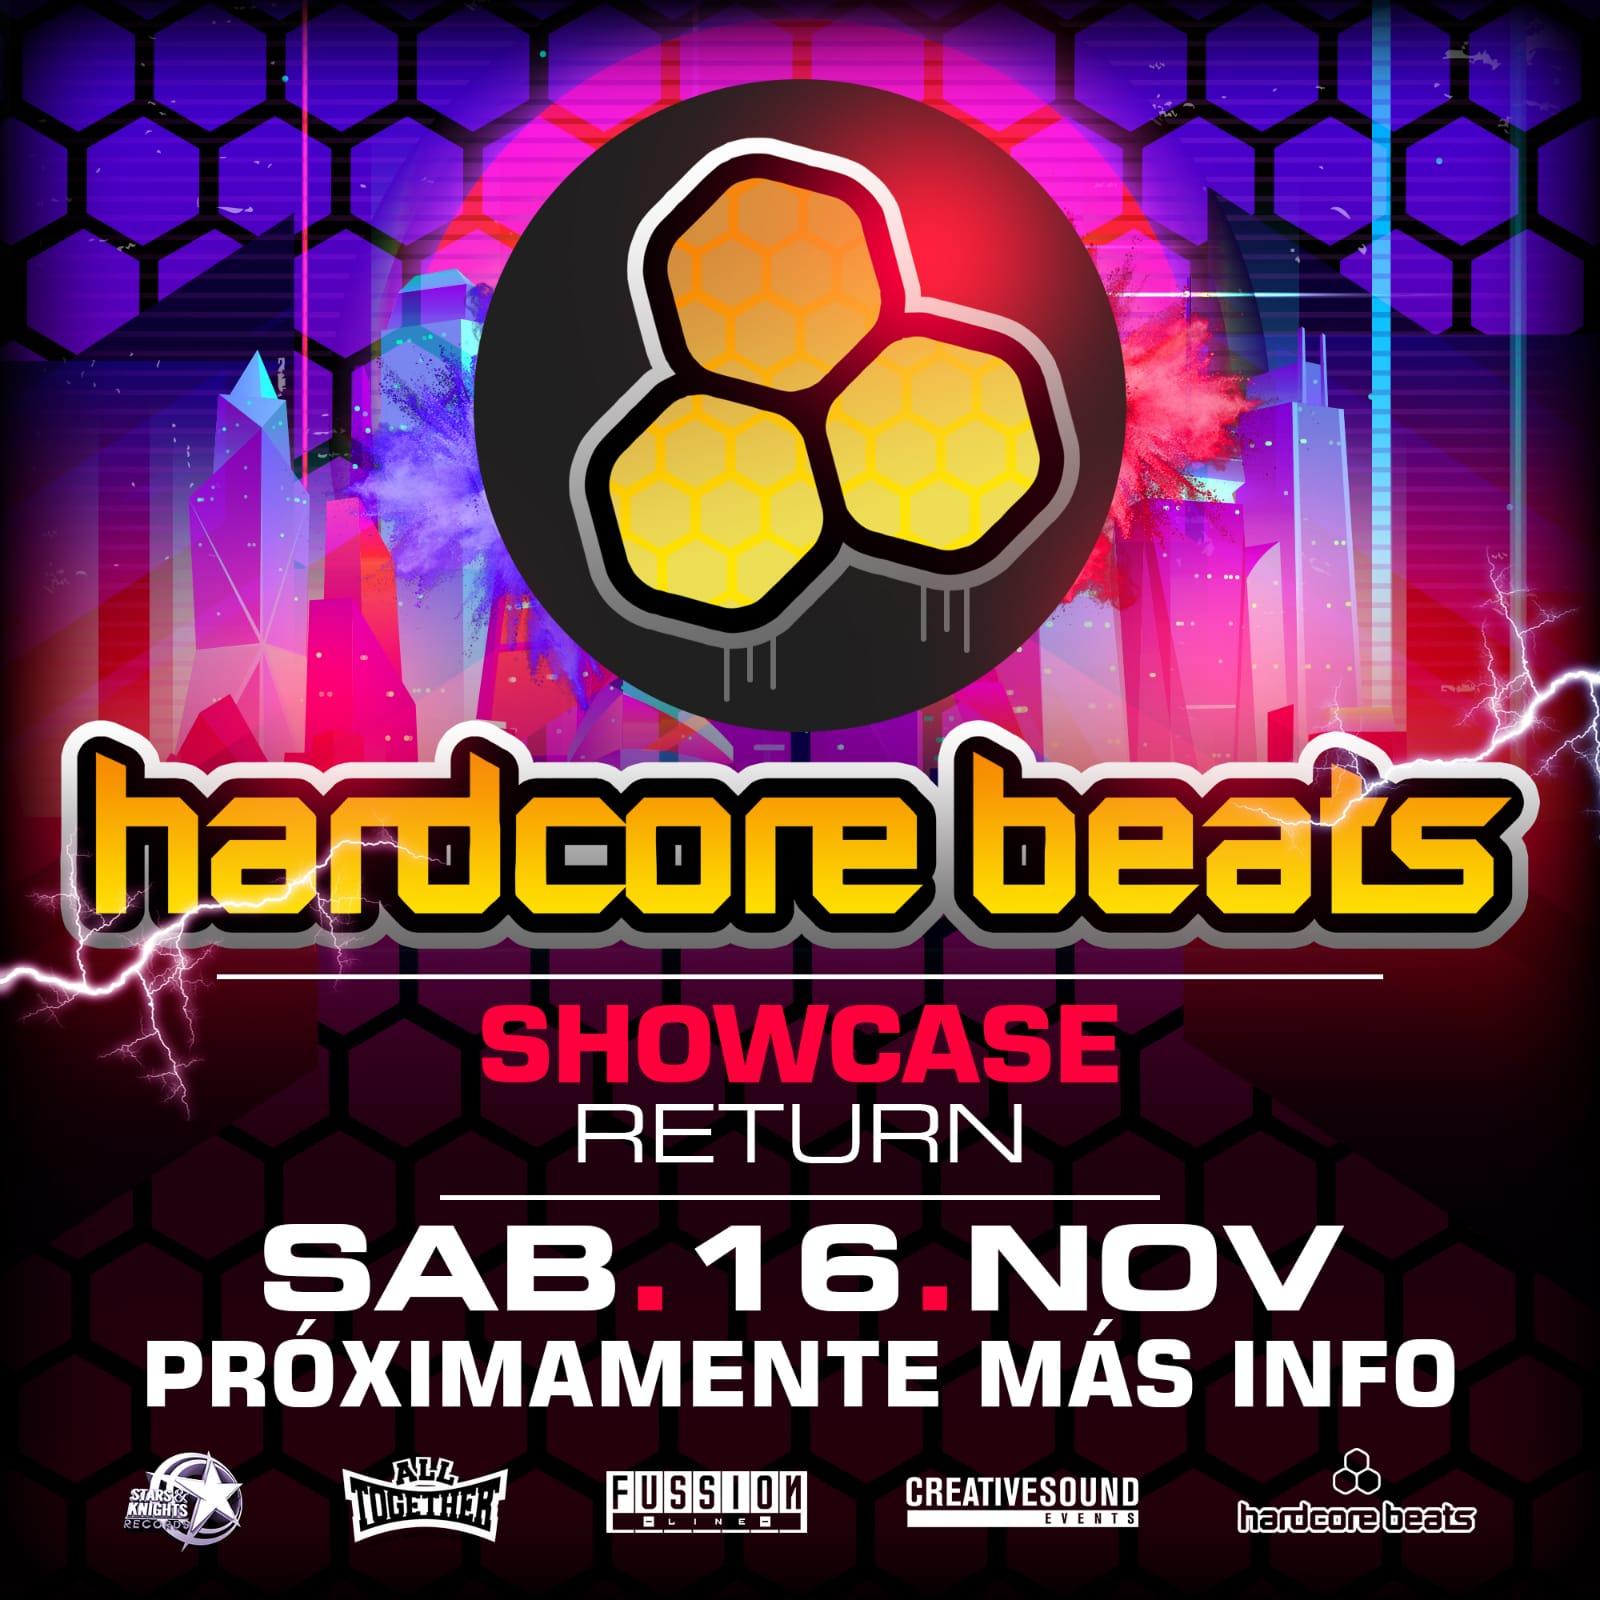 Hardcore Beats Showcase Return